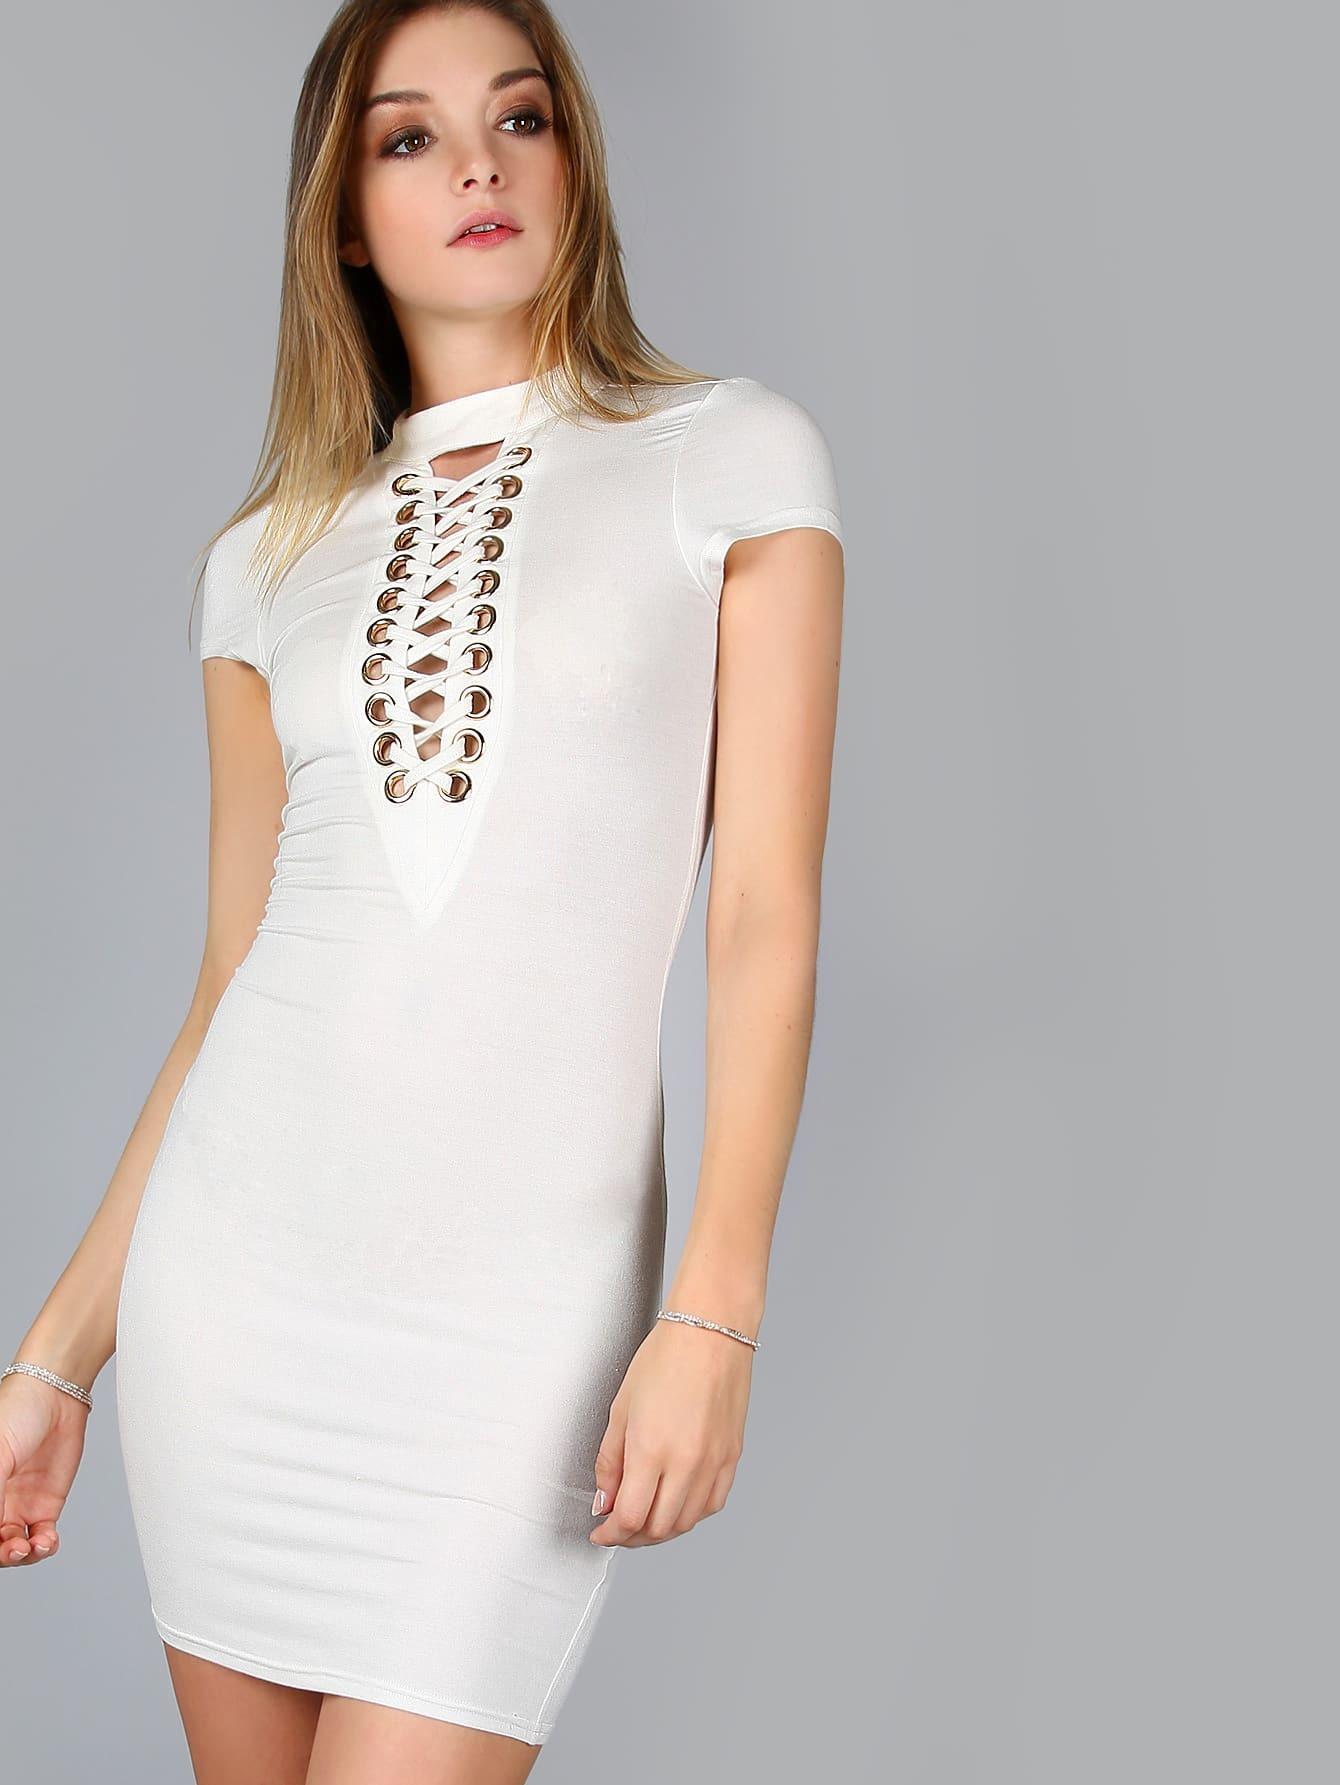 White Eyelet Lace Up V Neck Cap Sleeve Bodycon Dress